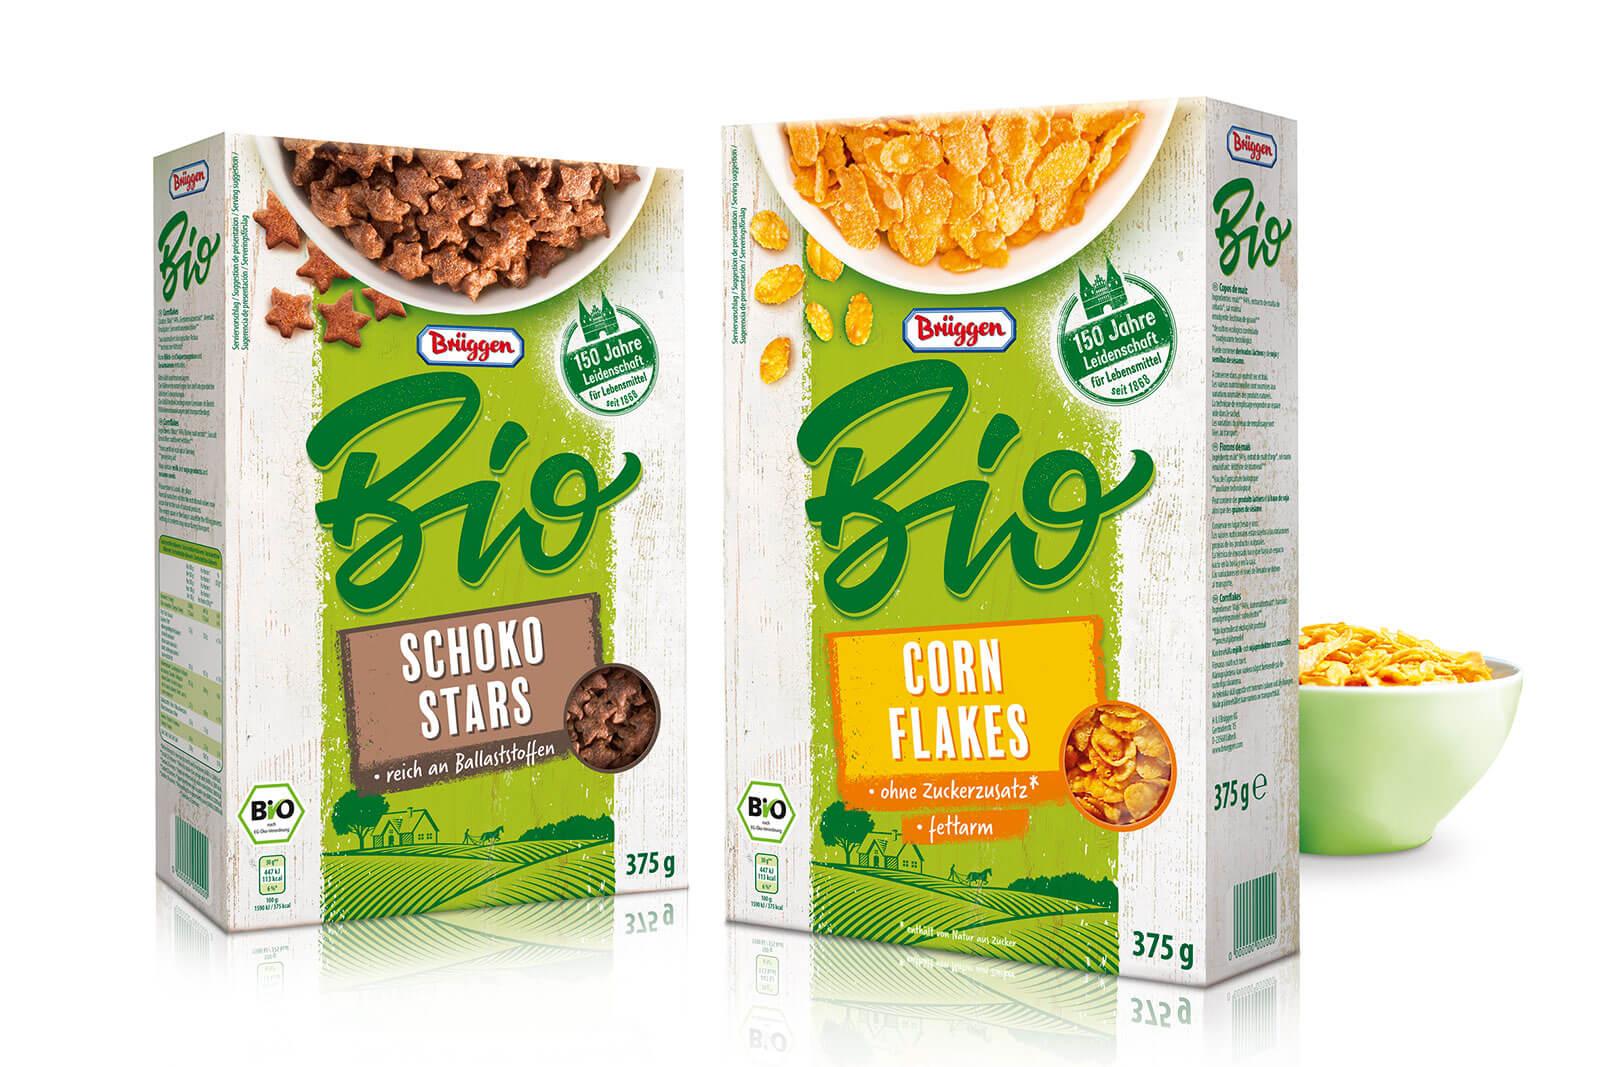 brueggen bio cornflakes und schoko stars packaging design rubicon